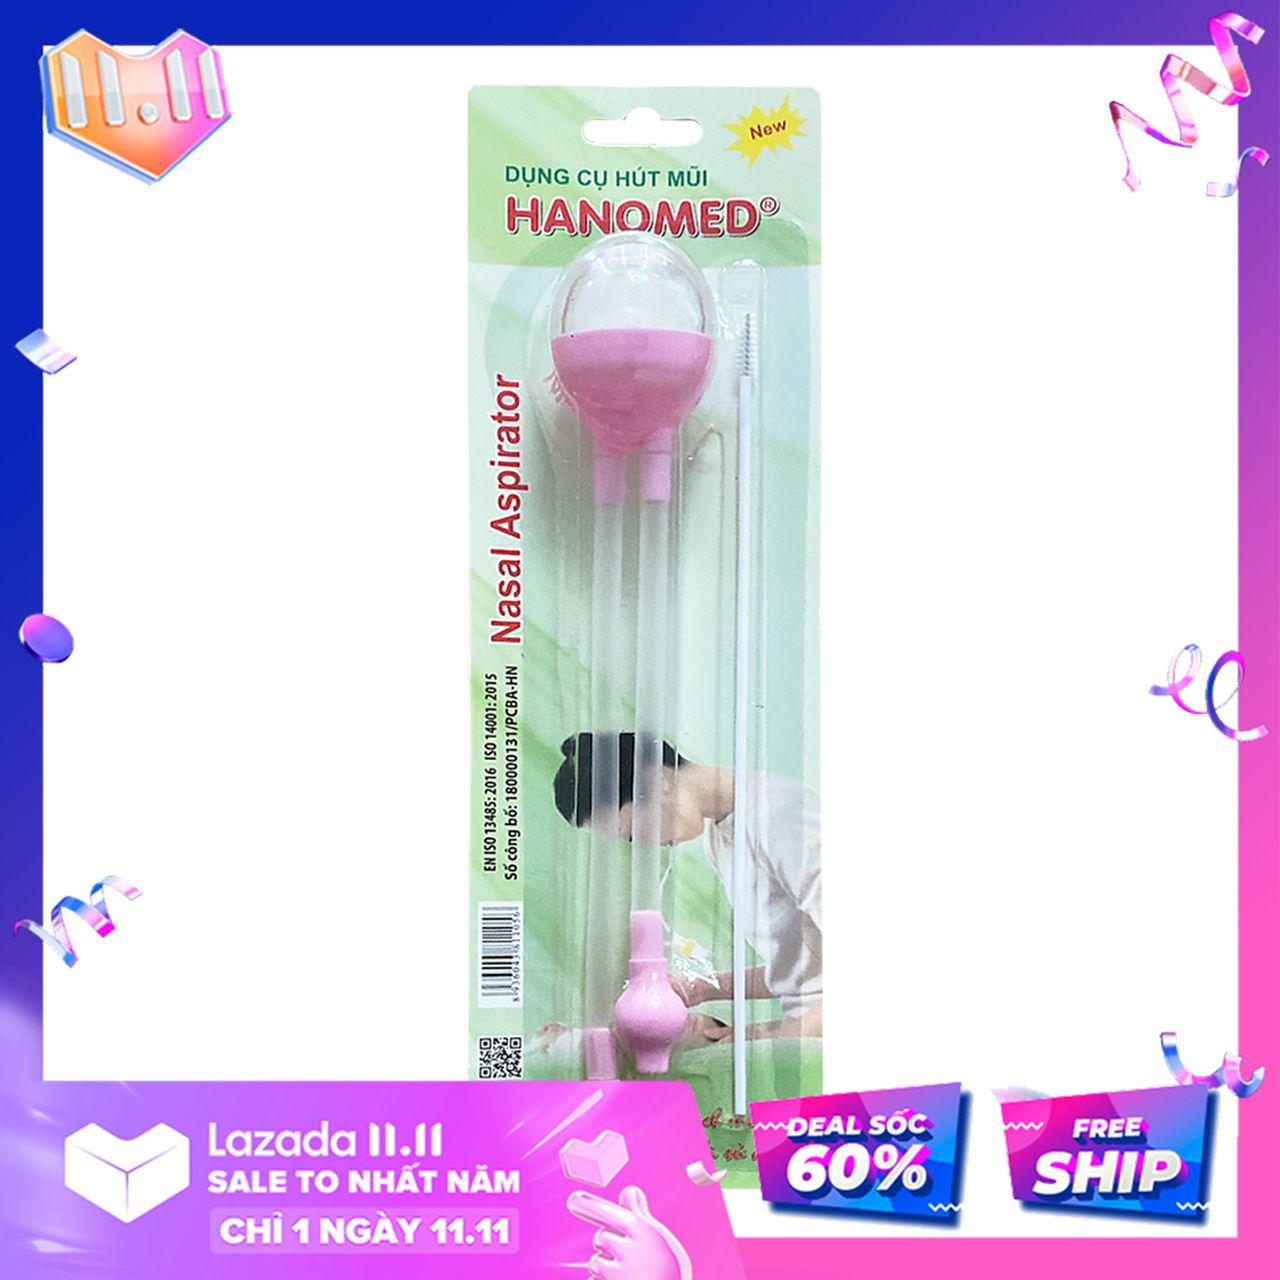 Dụng cụ hút mũi cho bé - máy hút, ống hút mũi dây 2 đầu Hanomed thông minh làm sạch thông thoáng khoang mũi và đường thở, ngăn ngừa, hạn chế viêm họng, ho có đờm hiệu quả an toàn với trẻ sơ sinh